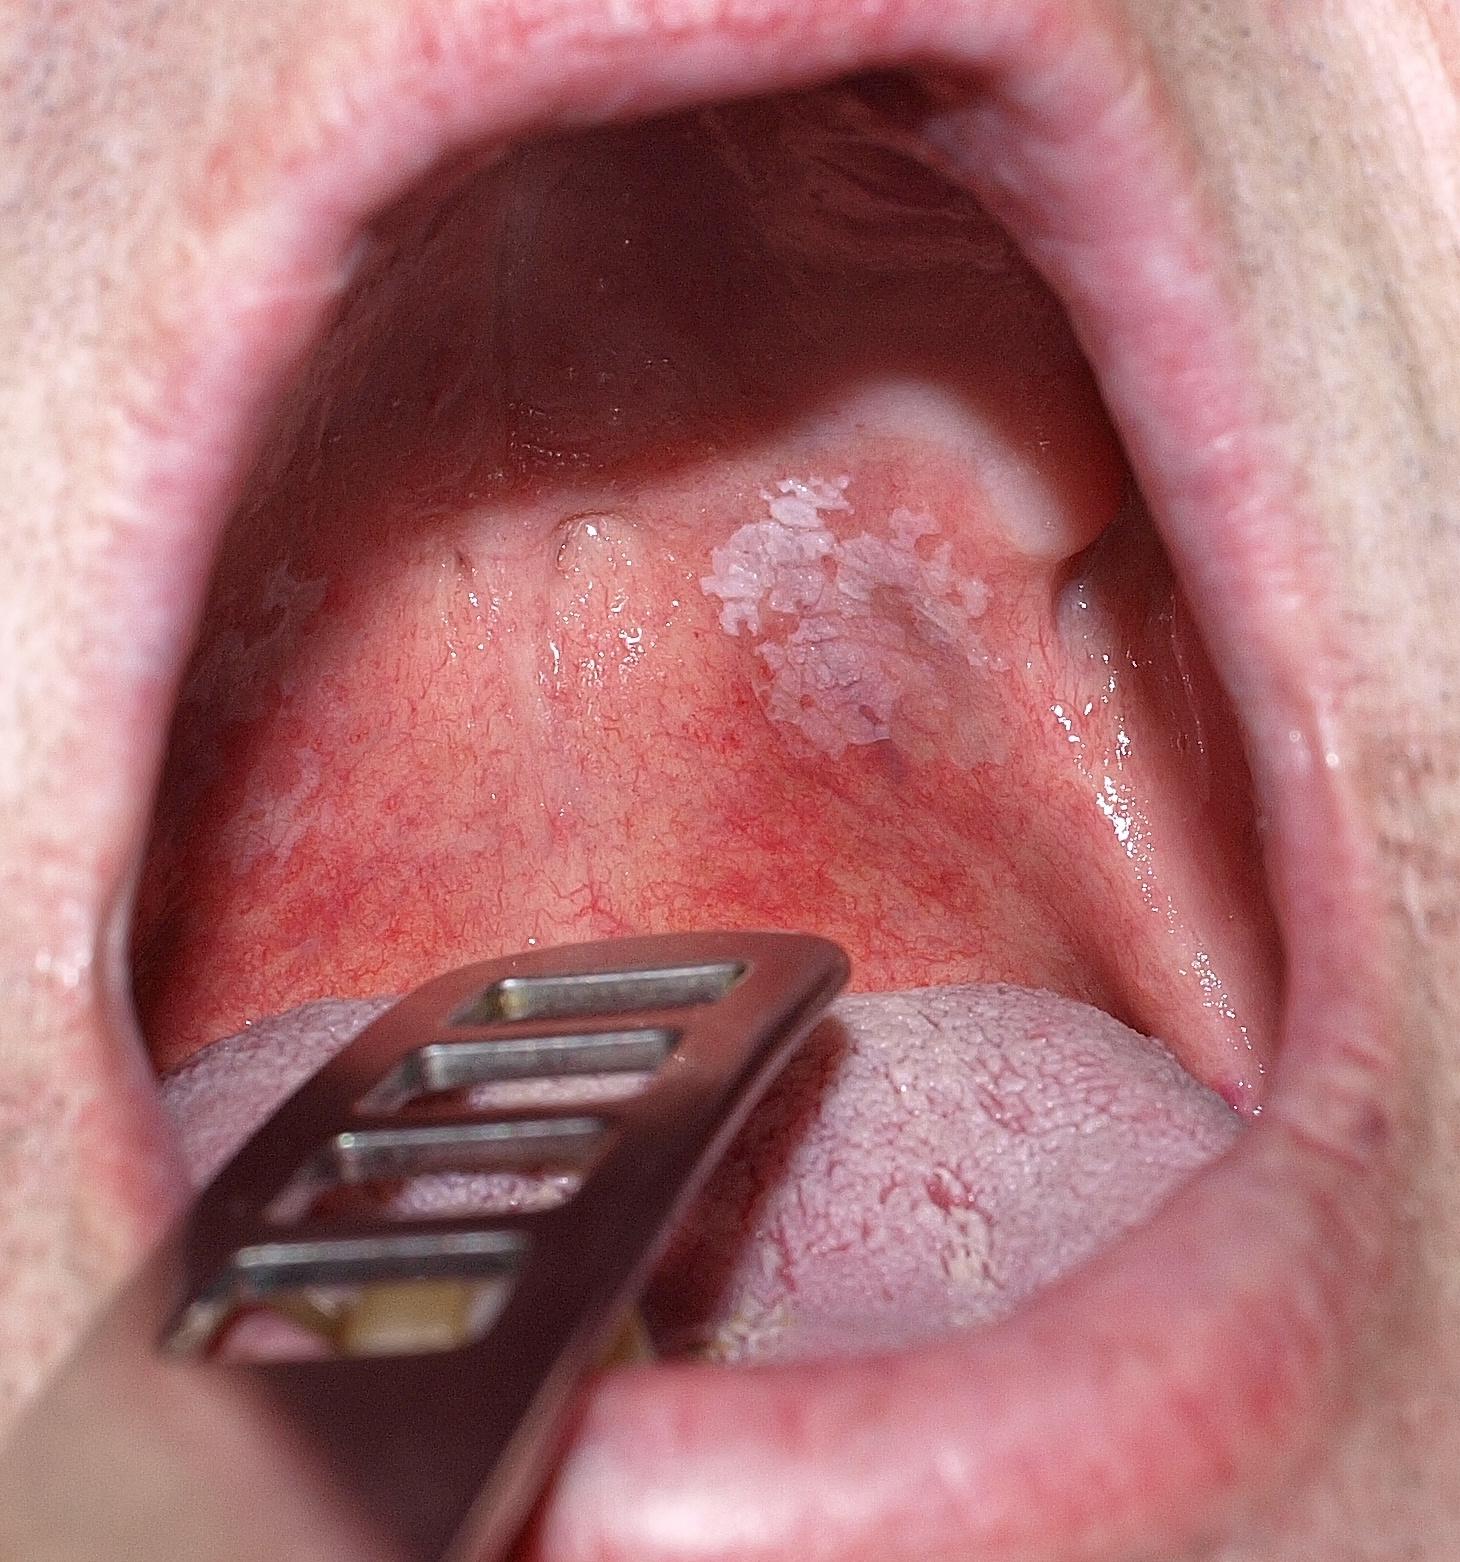 papilloma rák száj)